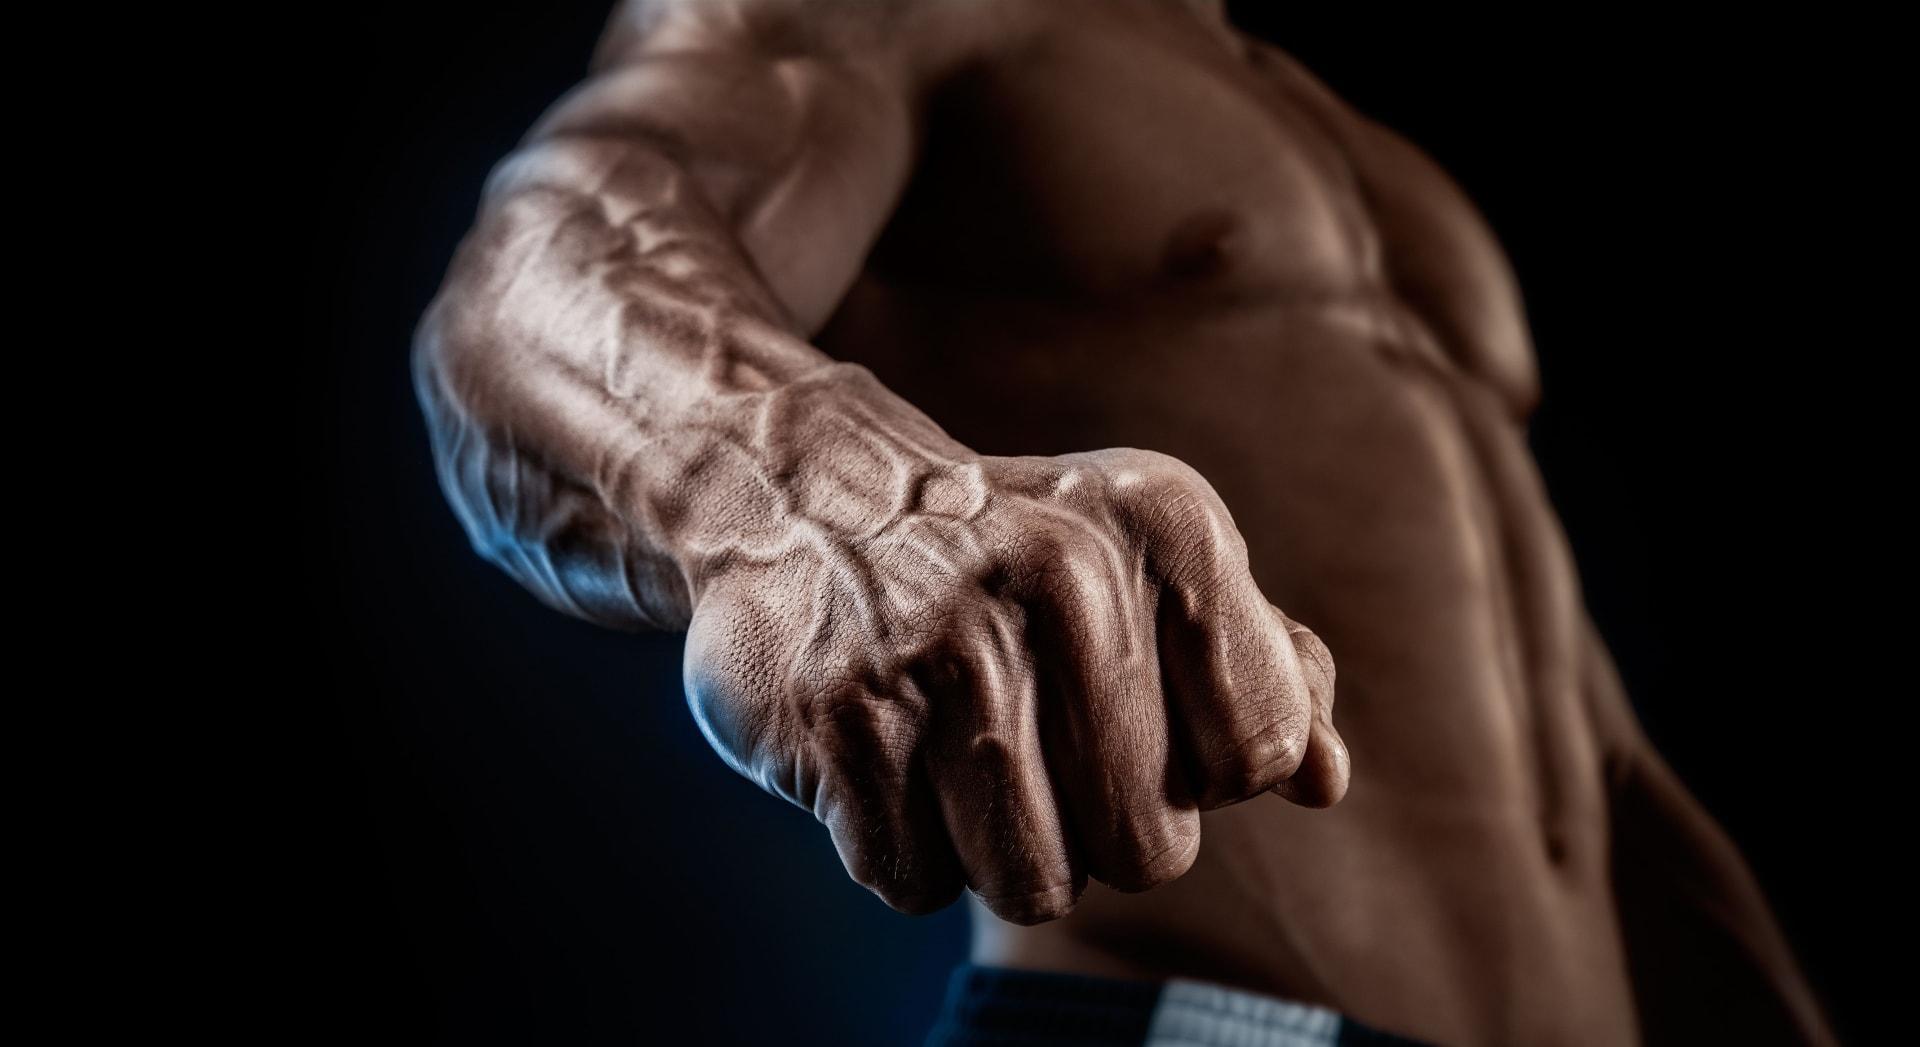 Мышечная слабость — предвестник ранней смерти и нездорового старения